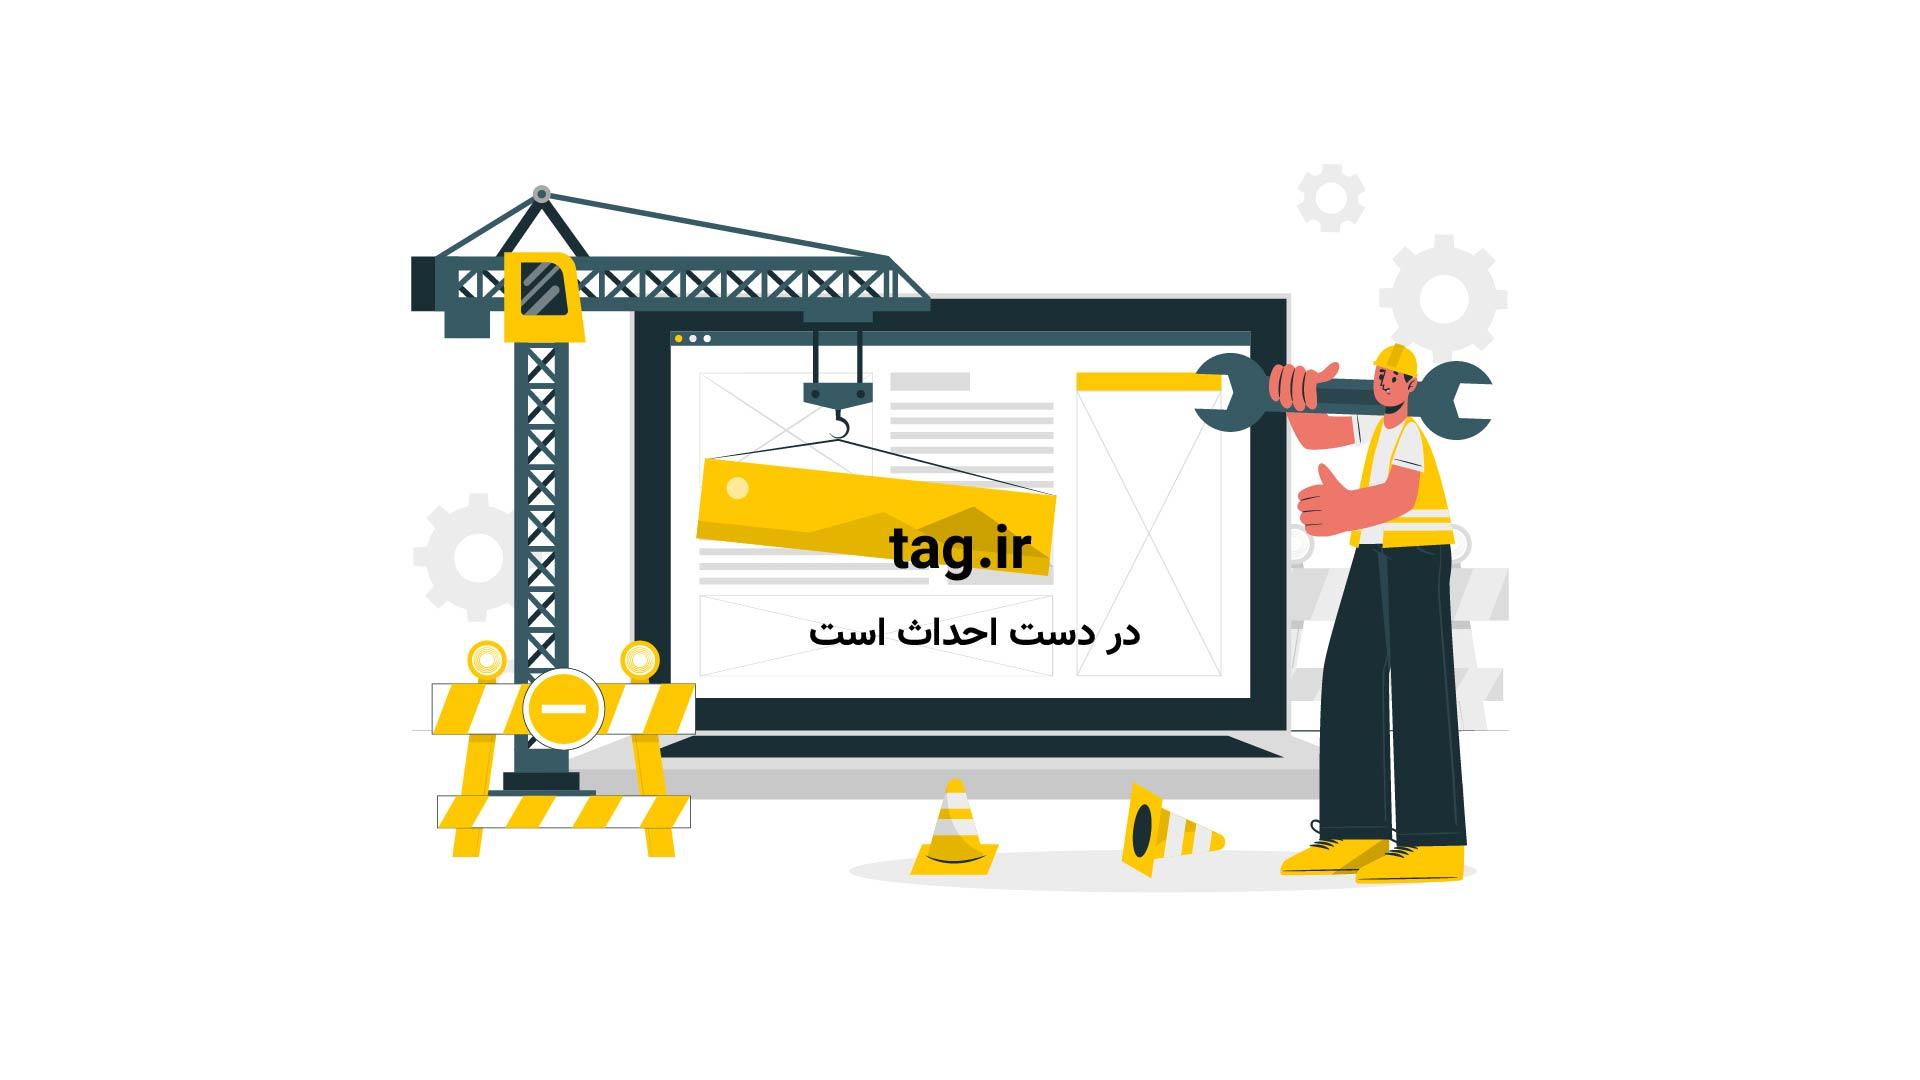 عناوین روزنامه های ورزشی یکشنبه 11 تیر | فیلم